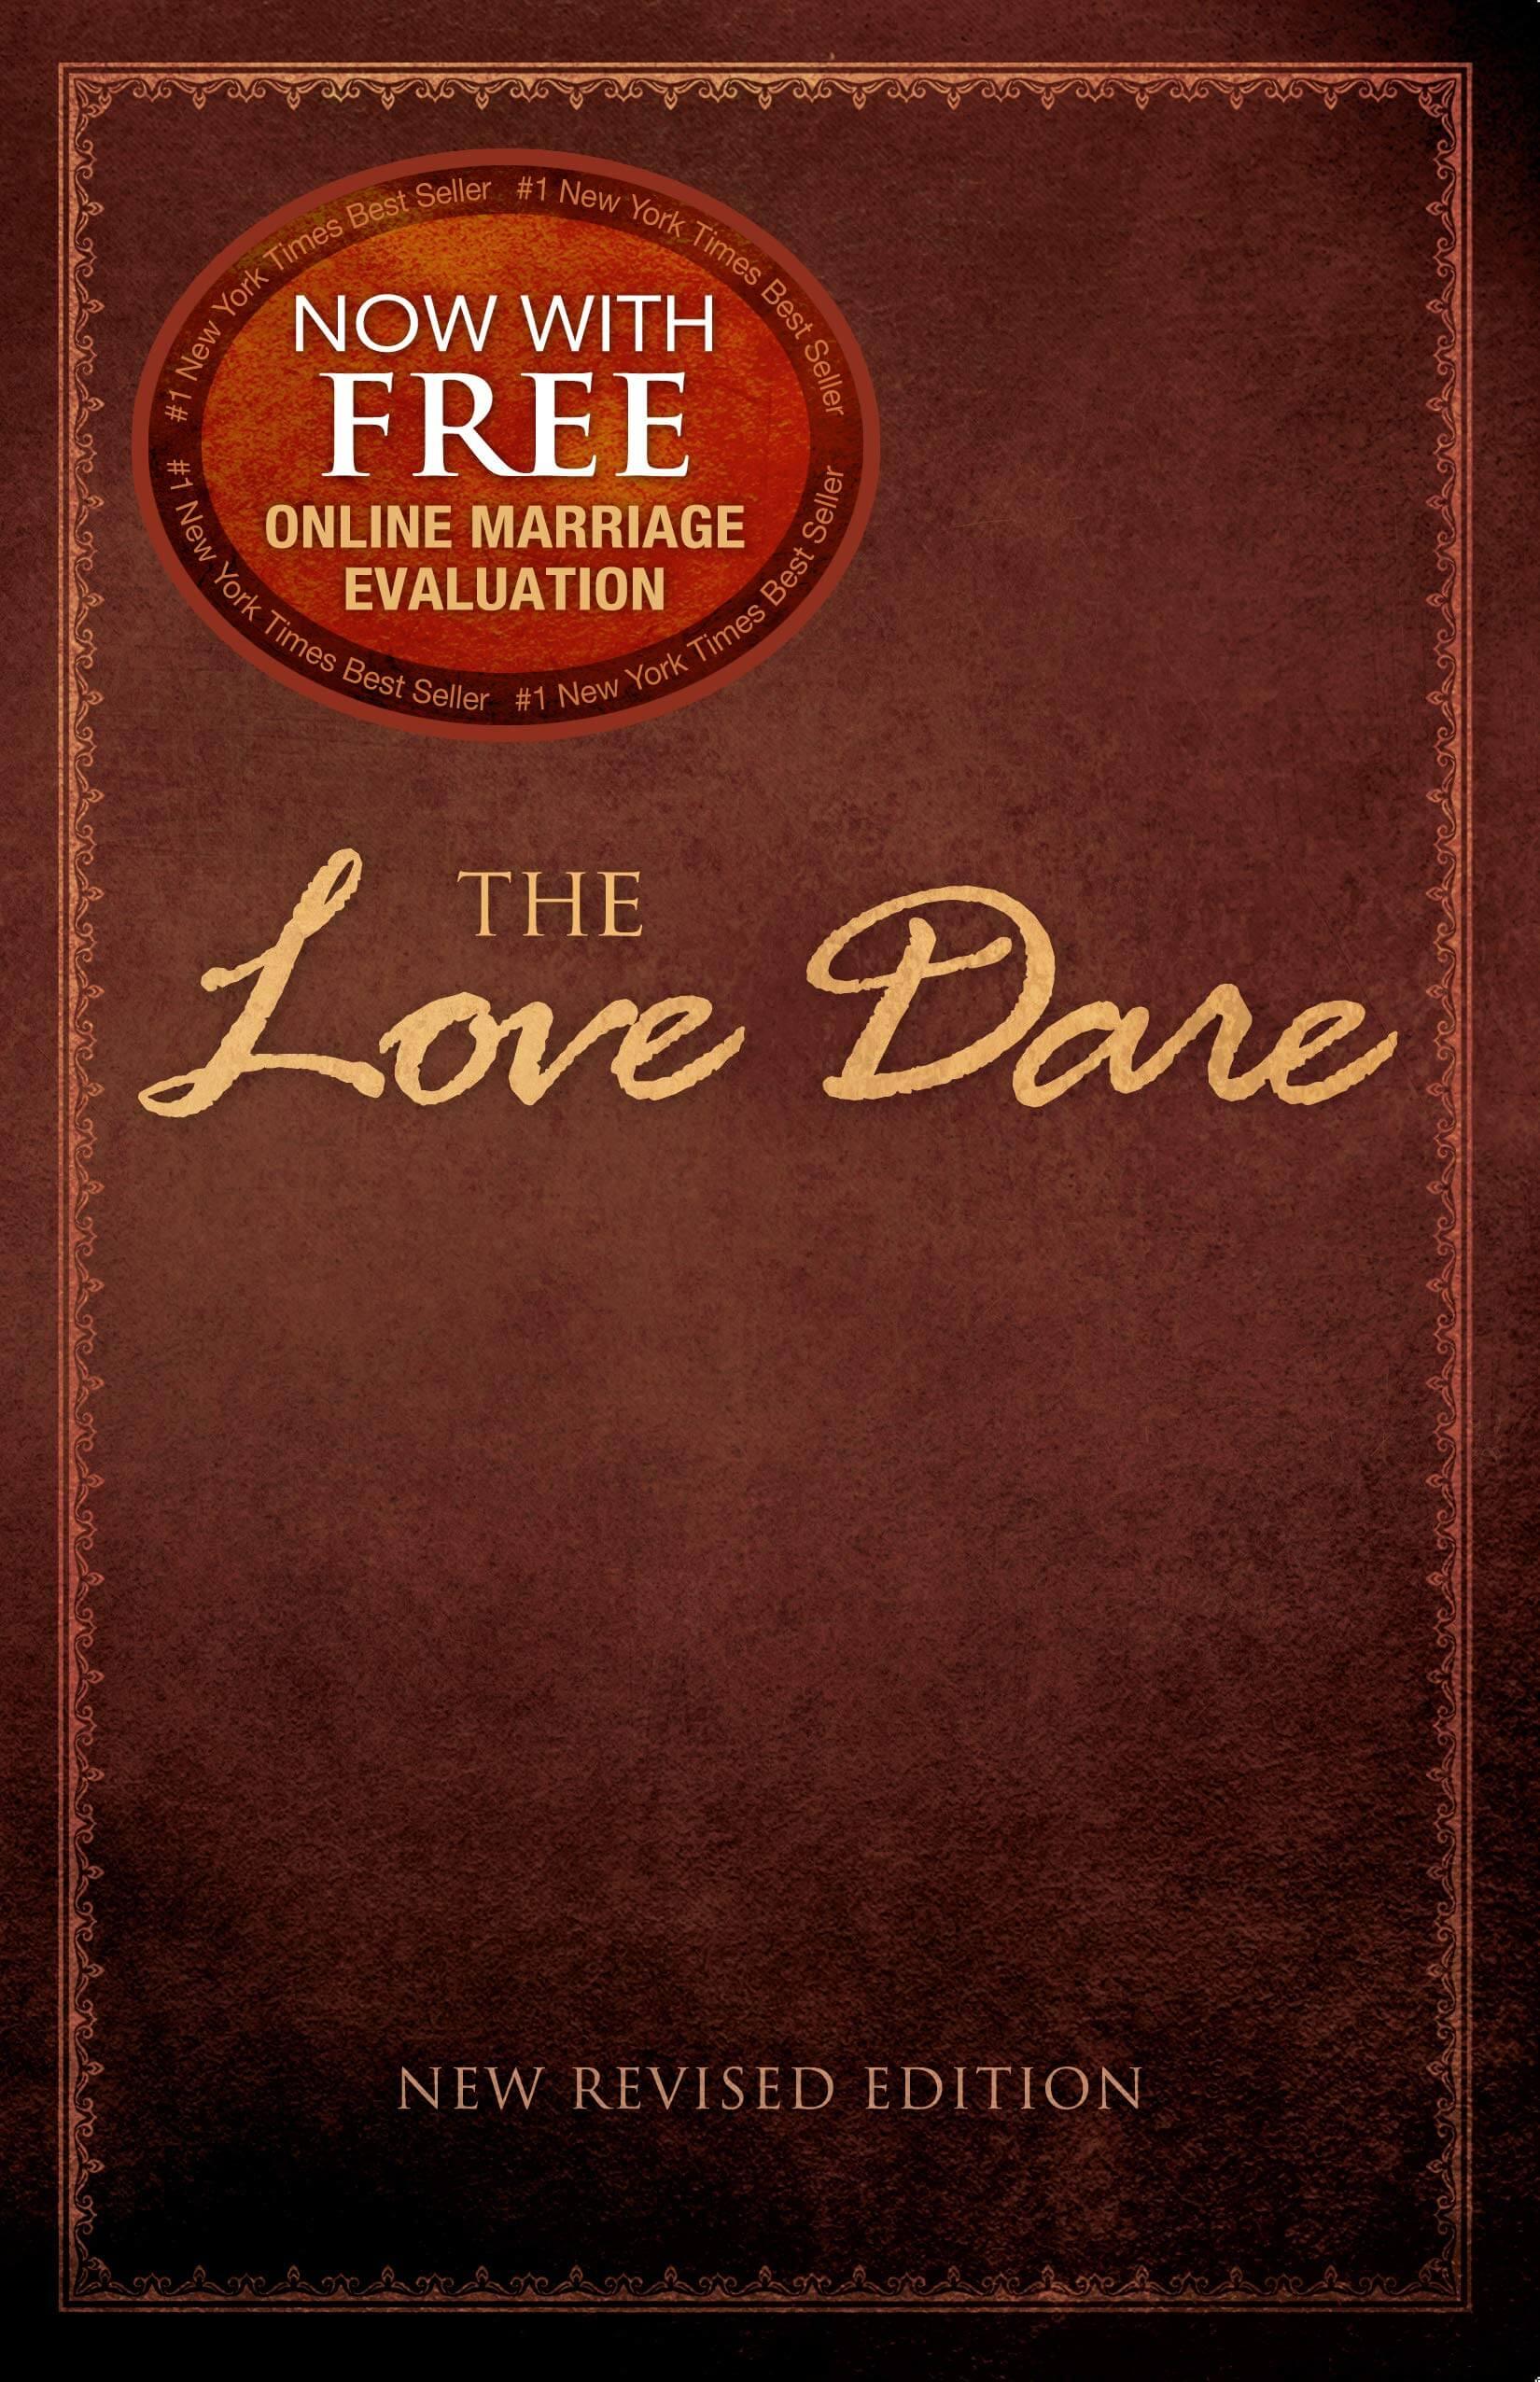 The-Love-Dare-Book